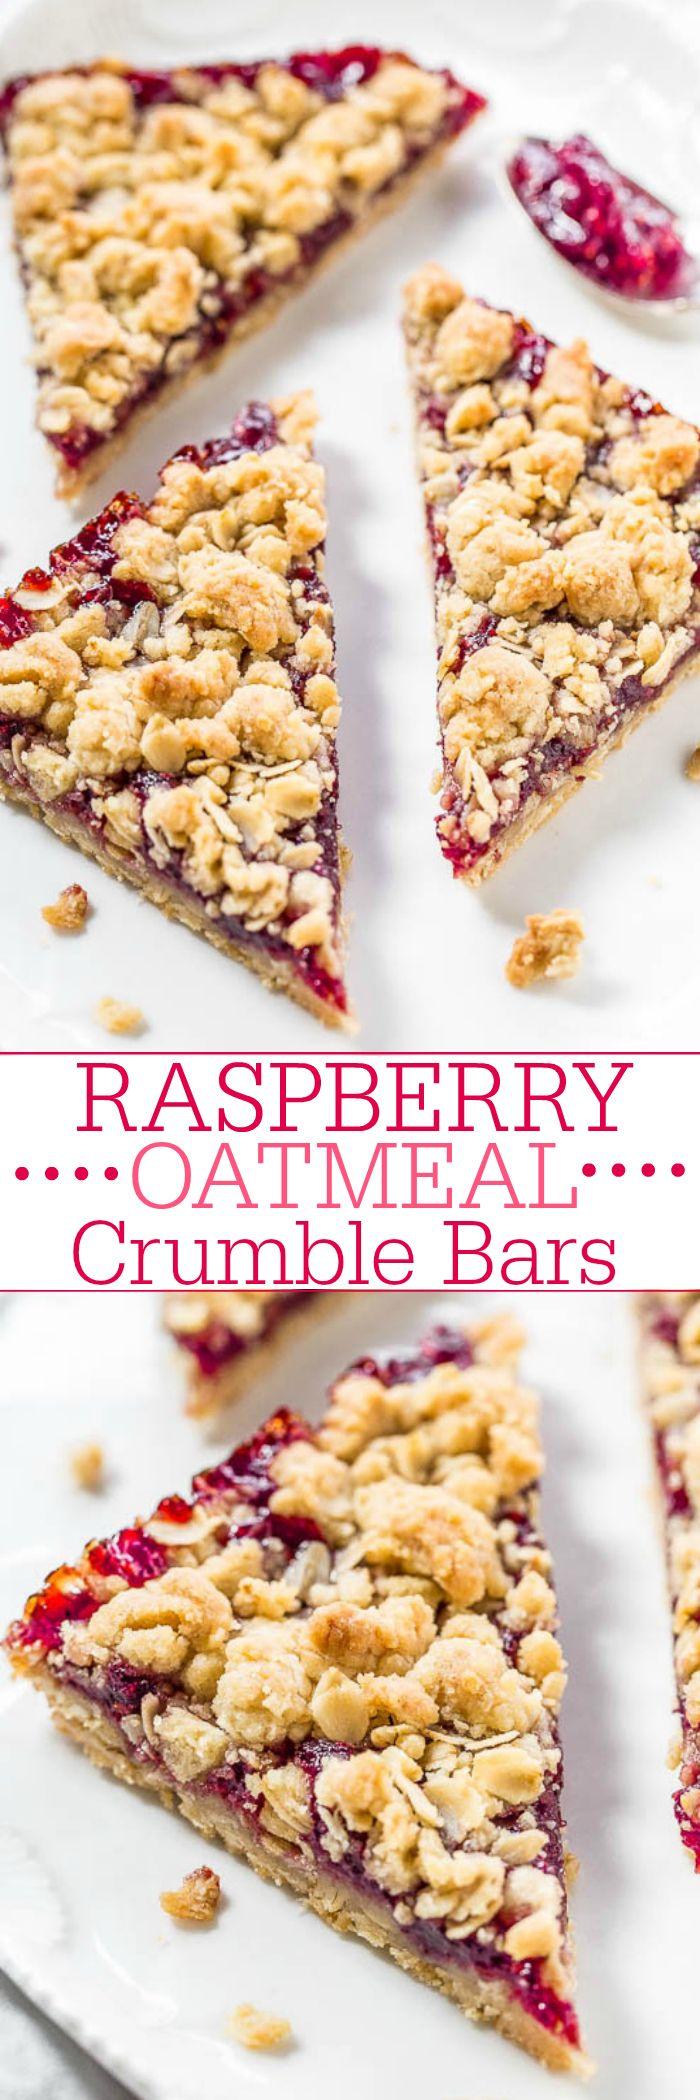 Raspberry Bars With Oatmeal Crumble Topping Recipe Tutti Frutti